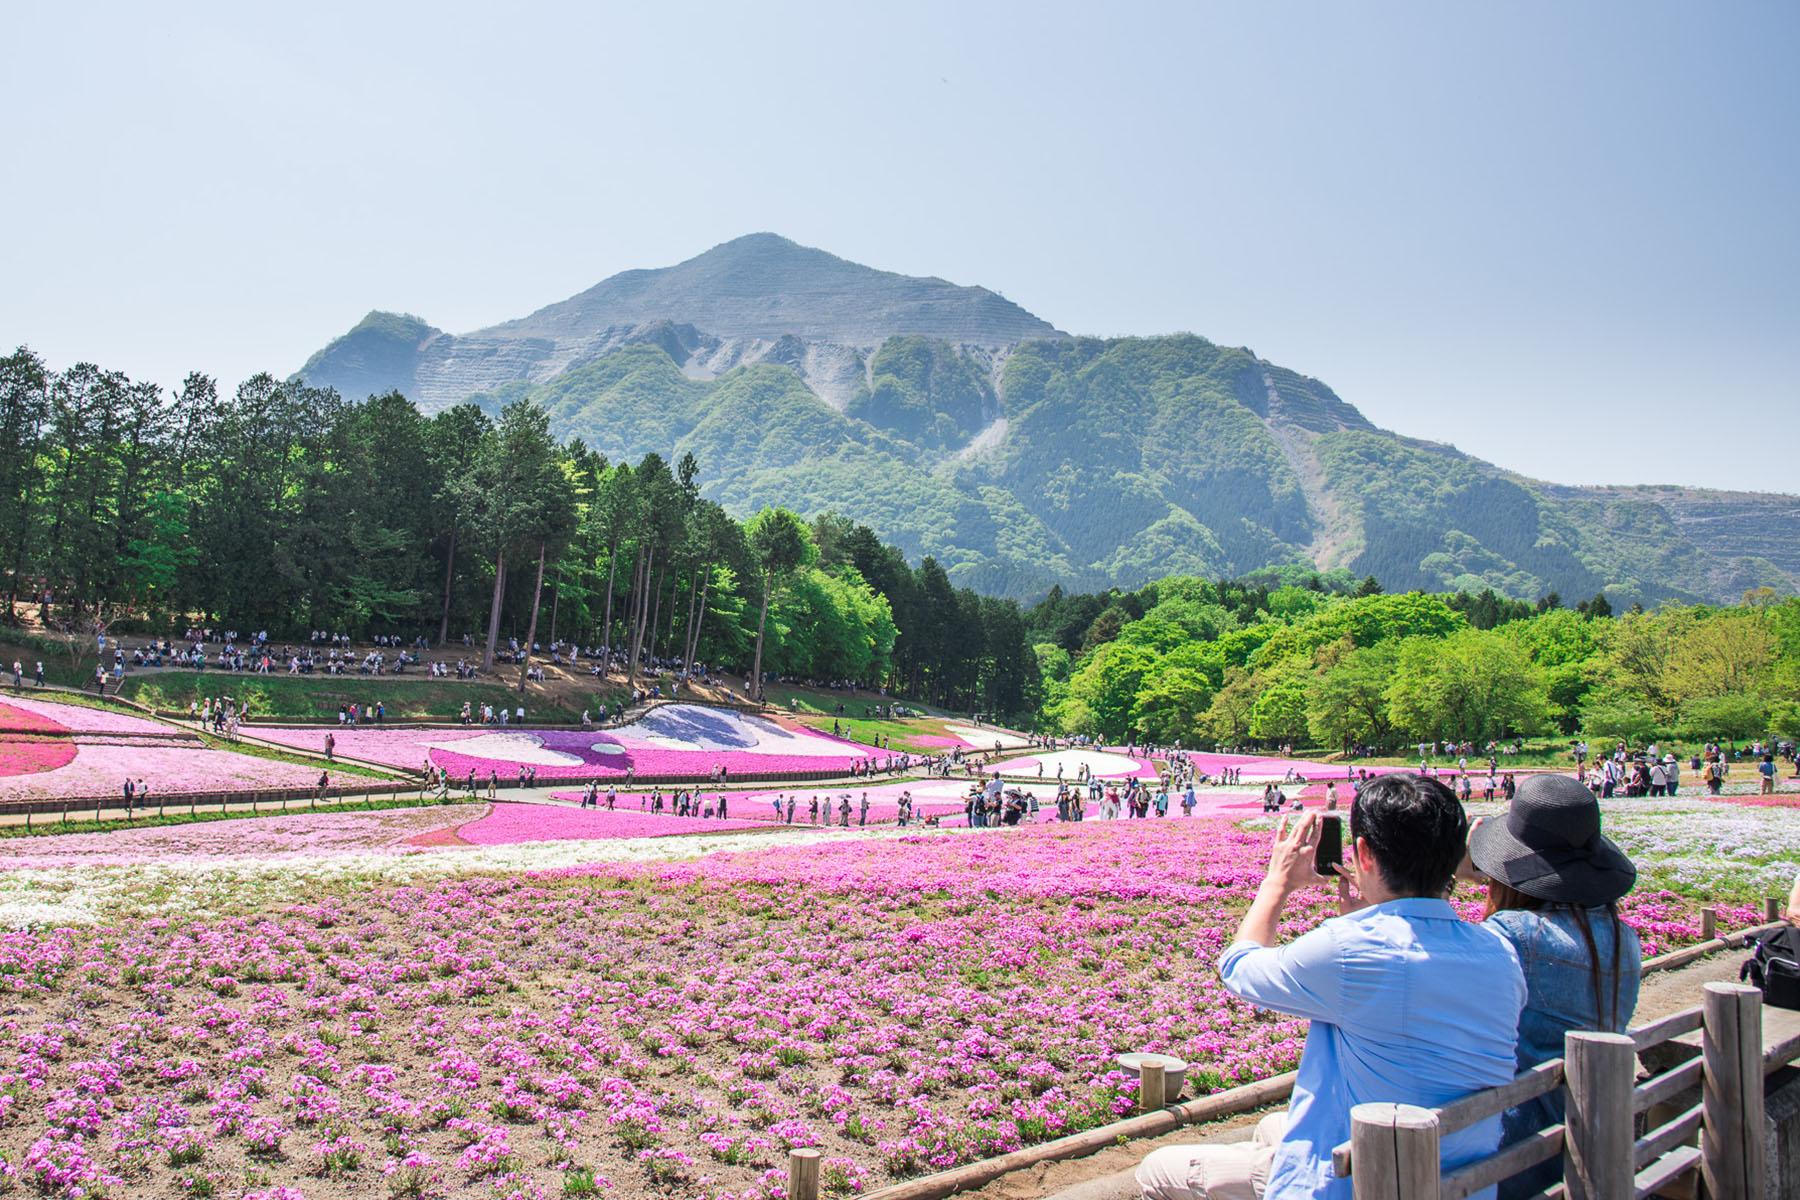 芝桜まつり 秩父市羊山公園「芝桜の丘」